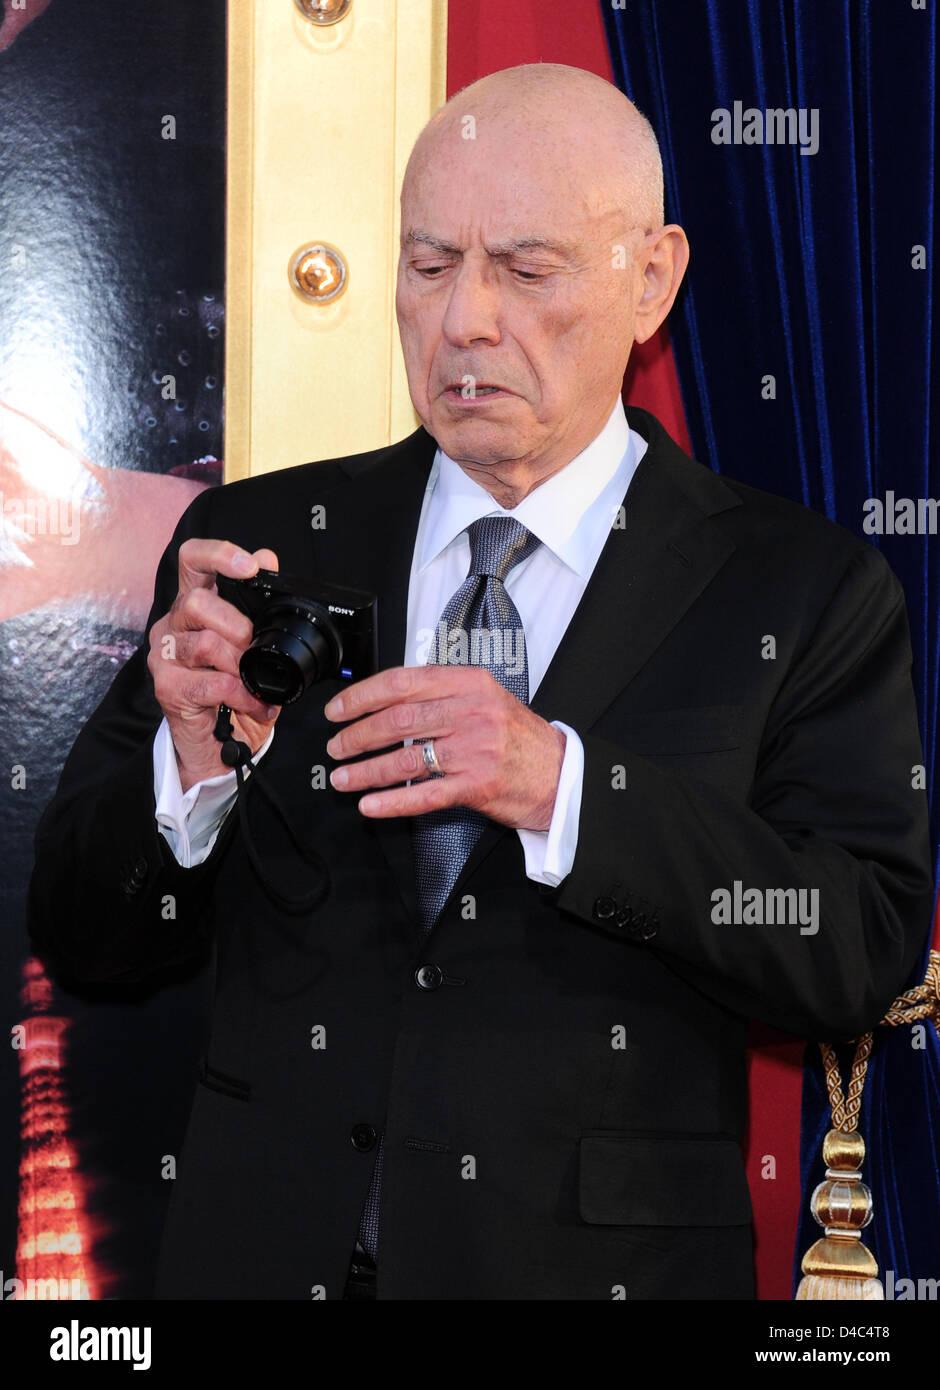 Alexander Porokhovshchikov did not have any stroke 07.03.2012 54